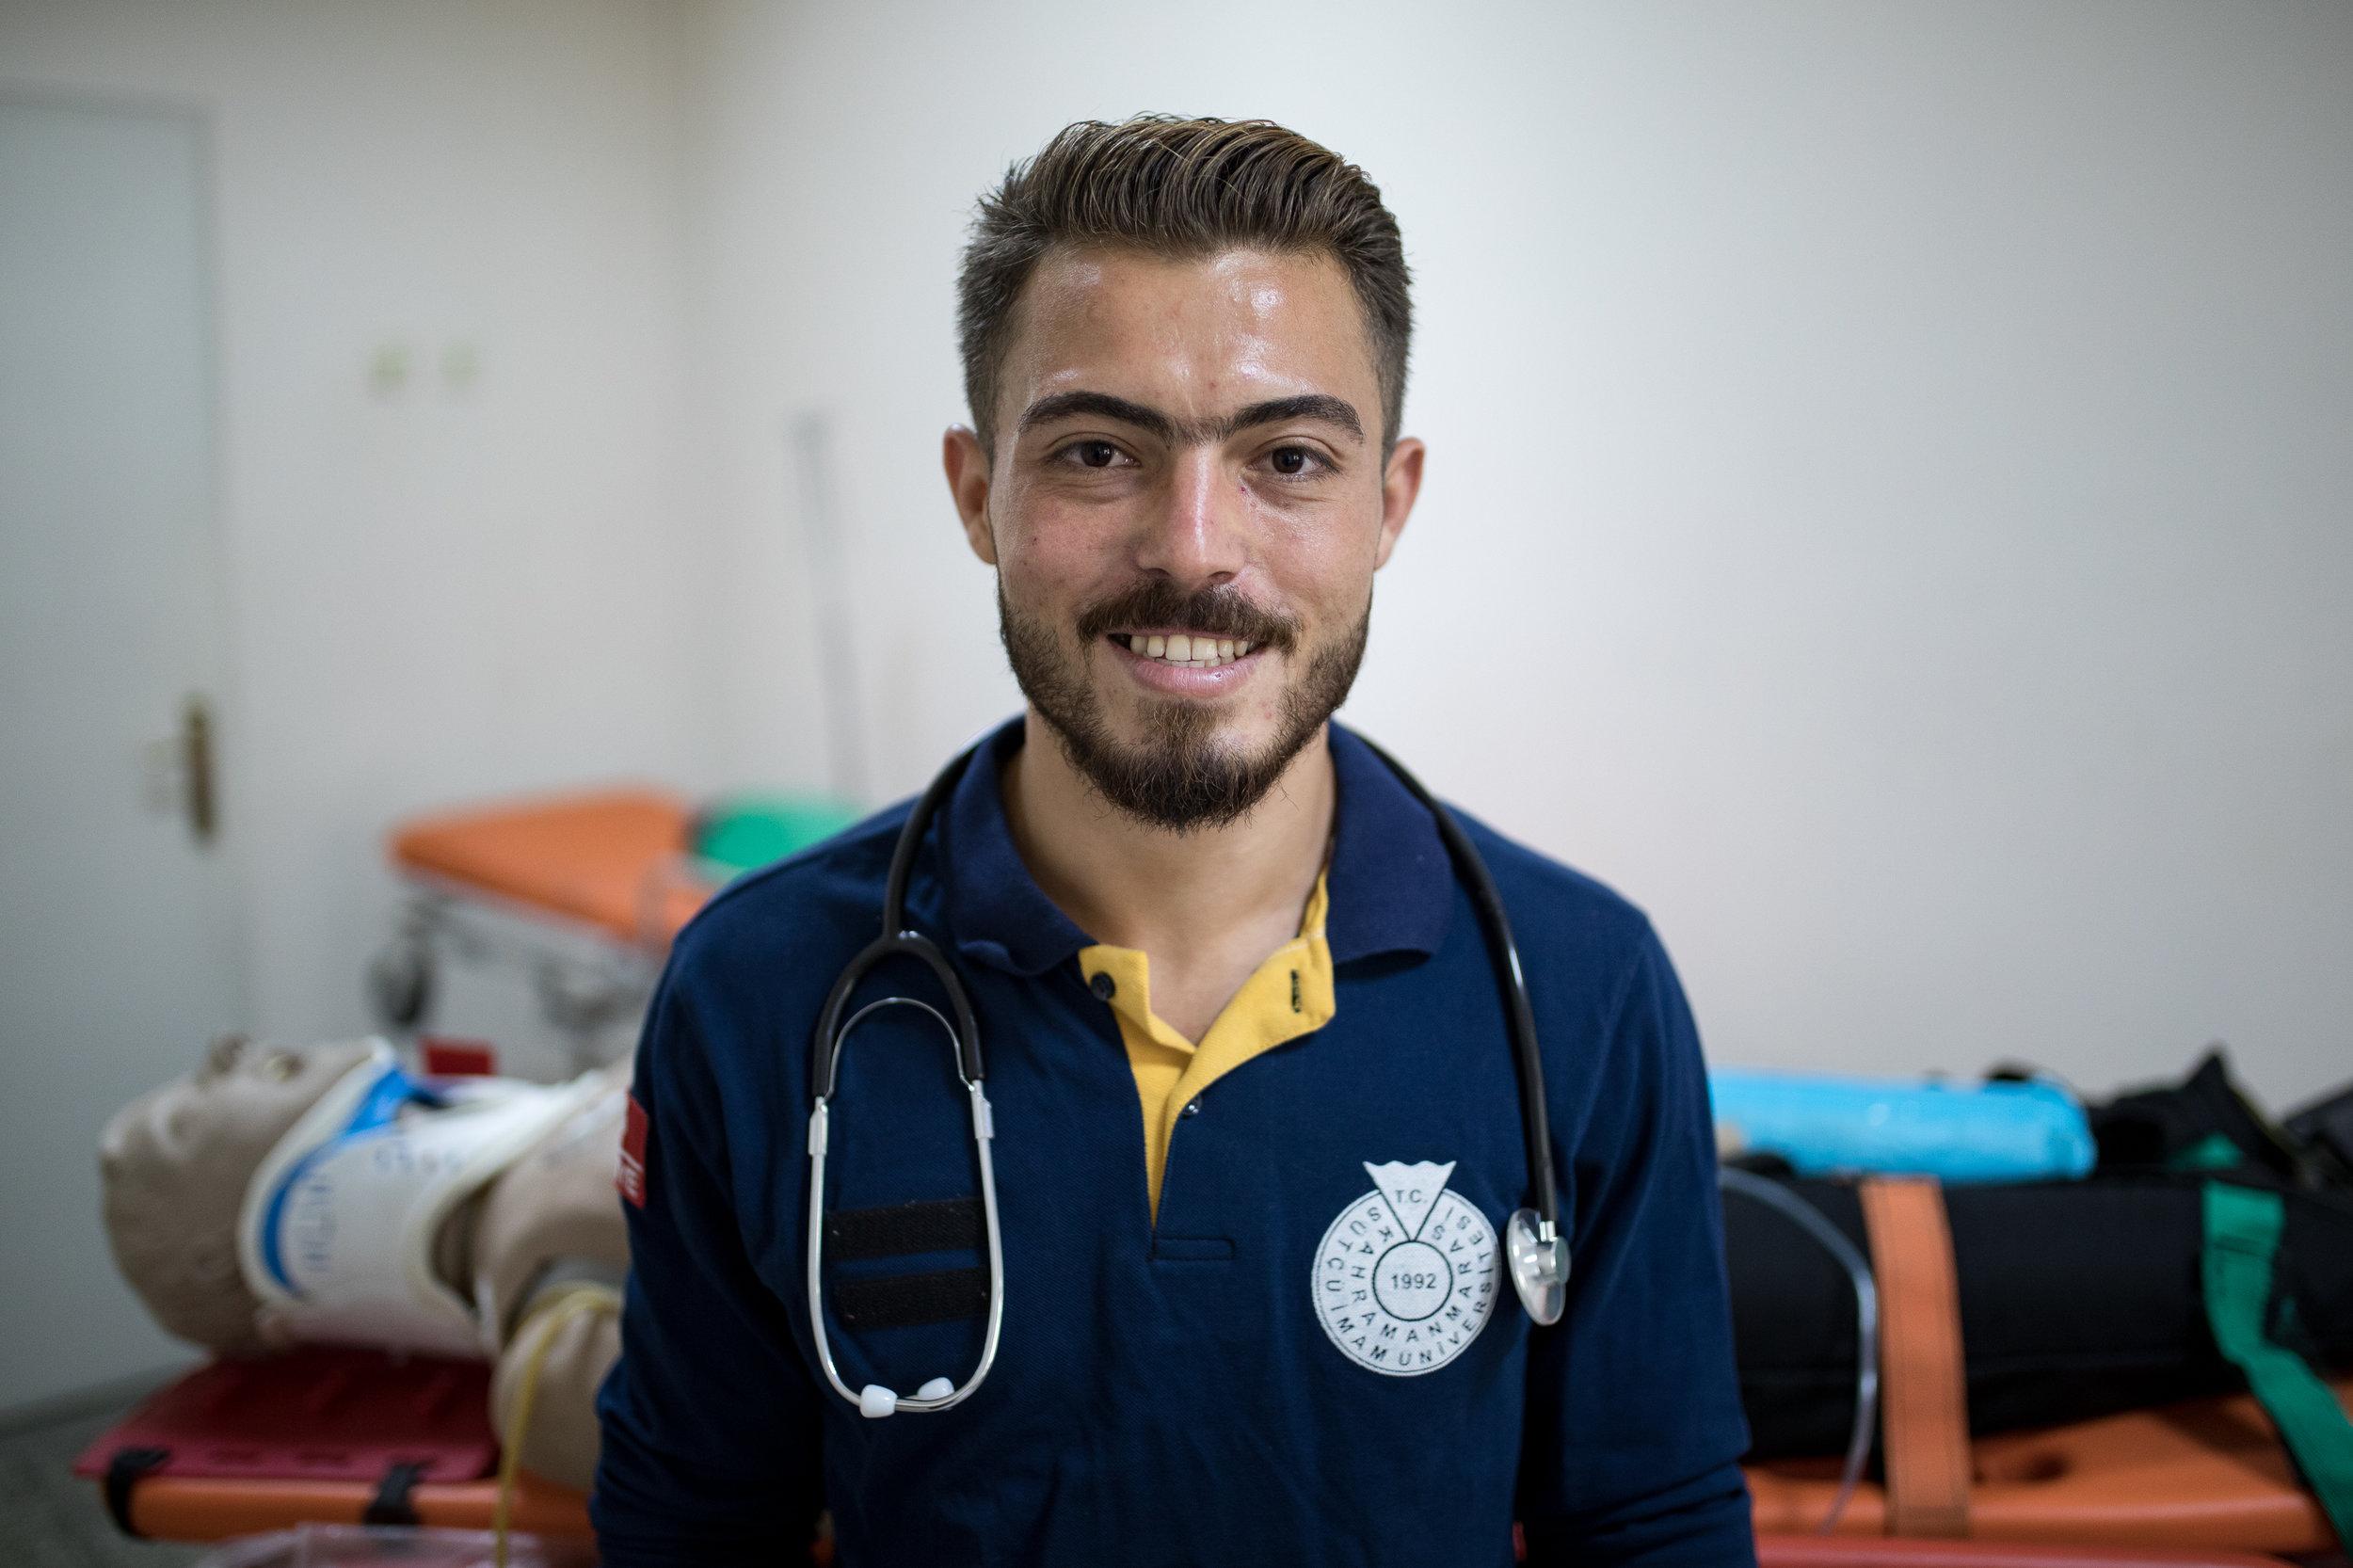 2018-07-02_Muhamed Najar, 24, Paramedic at Sütçü Imam Uni, Kaharamarmas, TK_0447.jpg